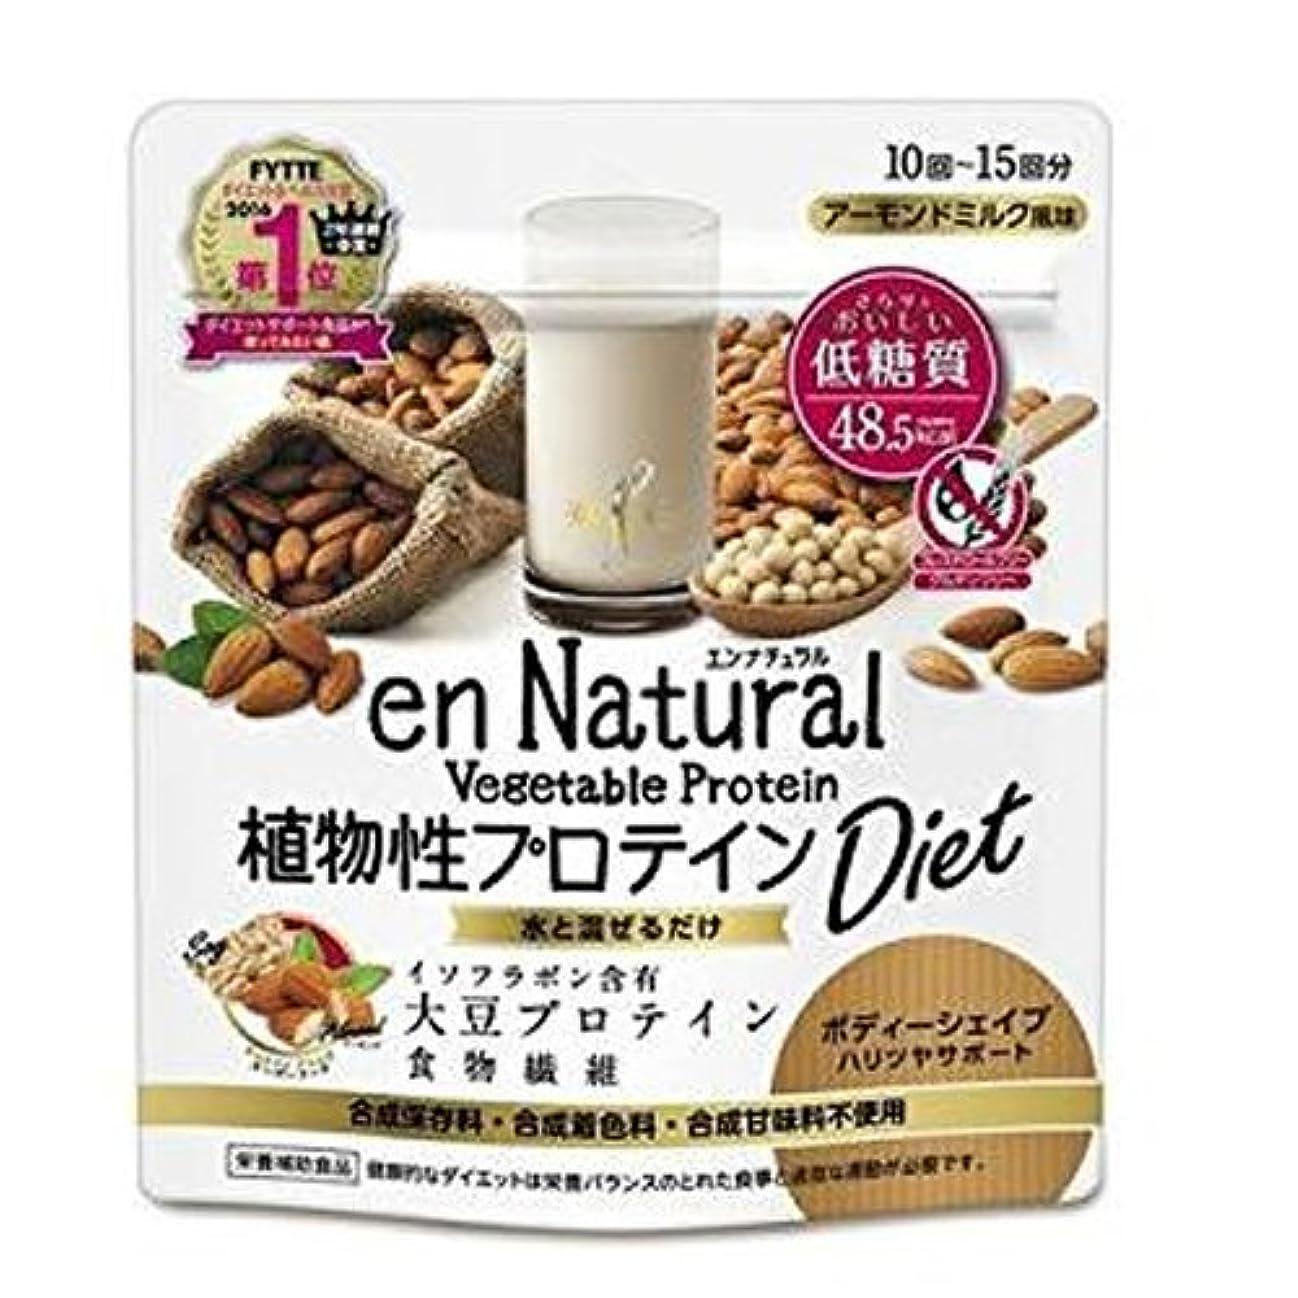 調整可能東方オフメタボリック エンナチュラル植物性プロテインダイエット 150g